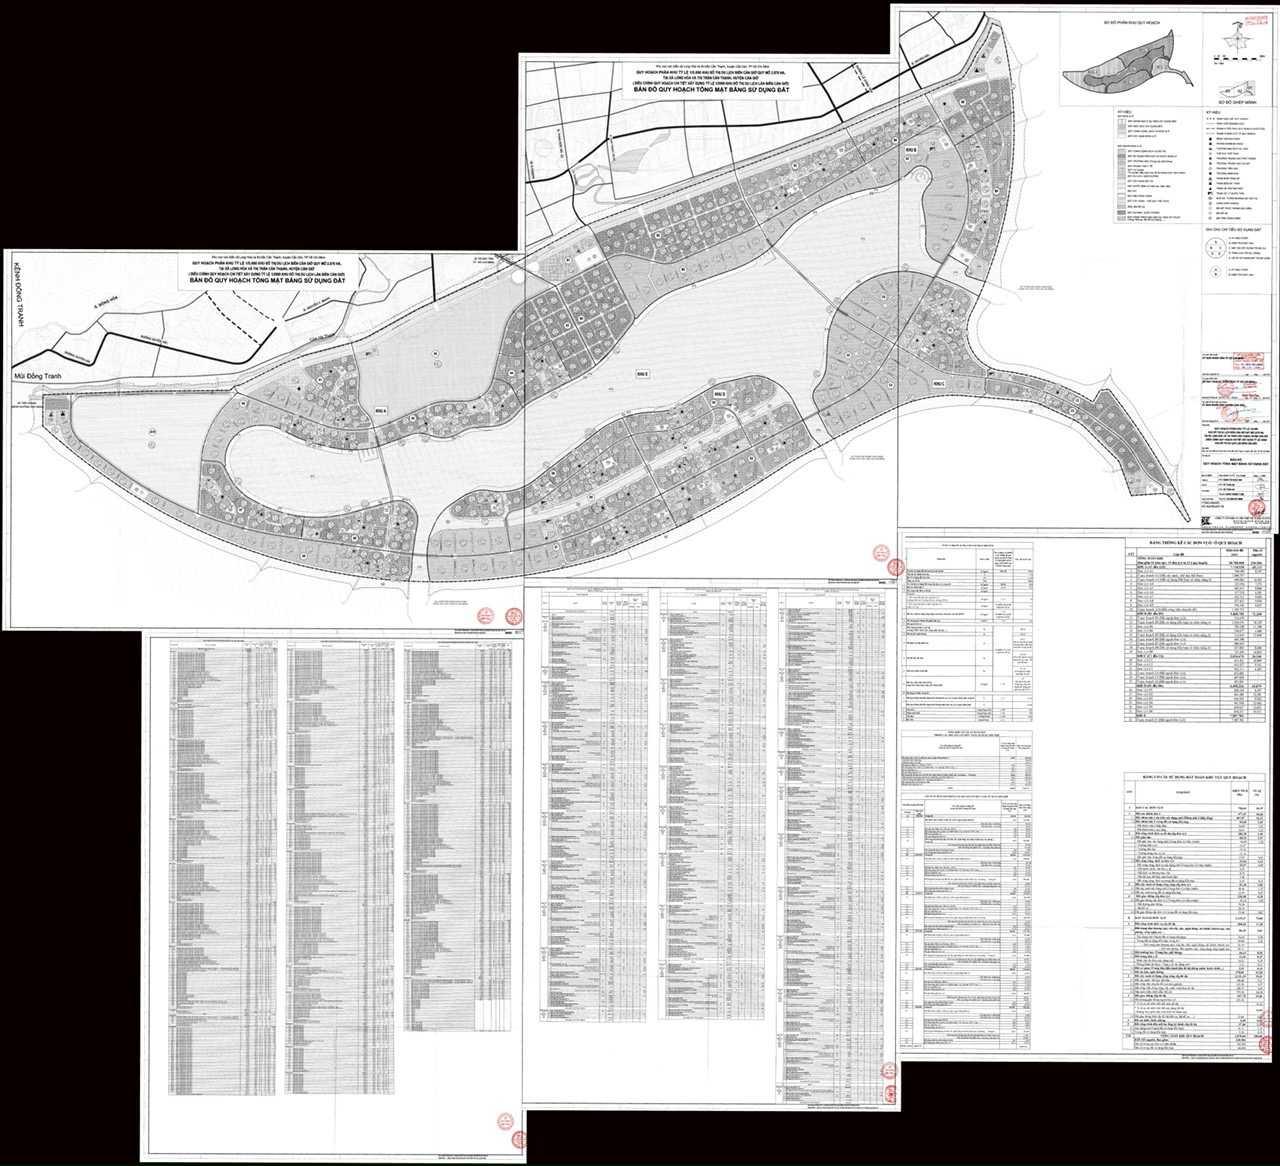 Quy hoạch chi tiết Vinhome Long Beach Cần Giờ